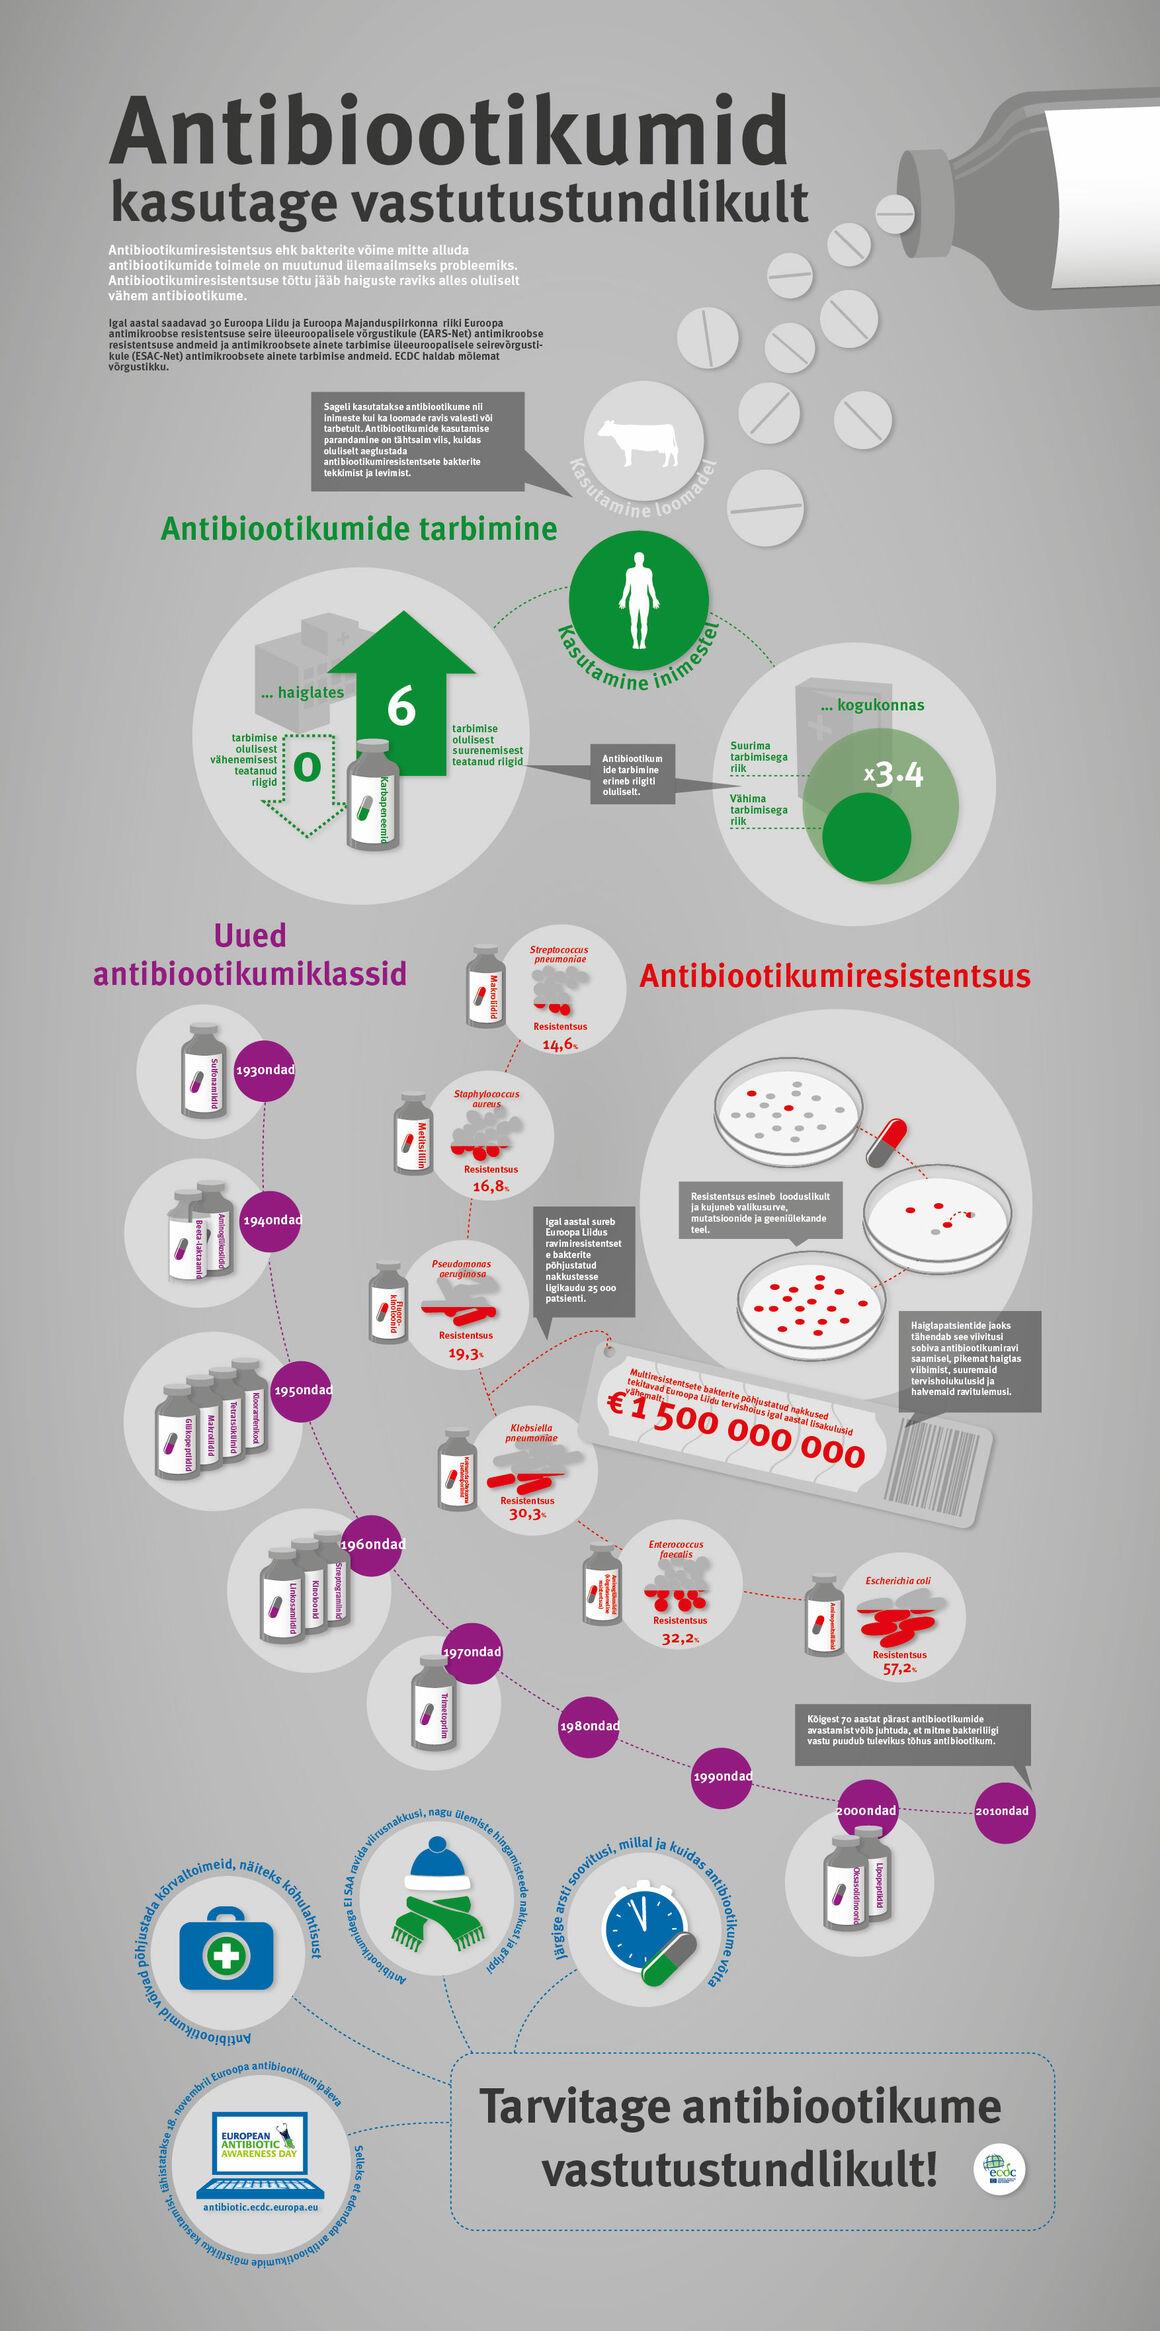 Antibiootikumid - kasutage vastutustundlikult